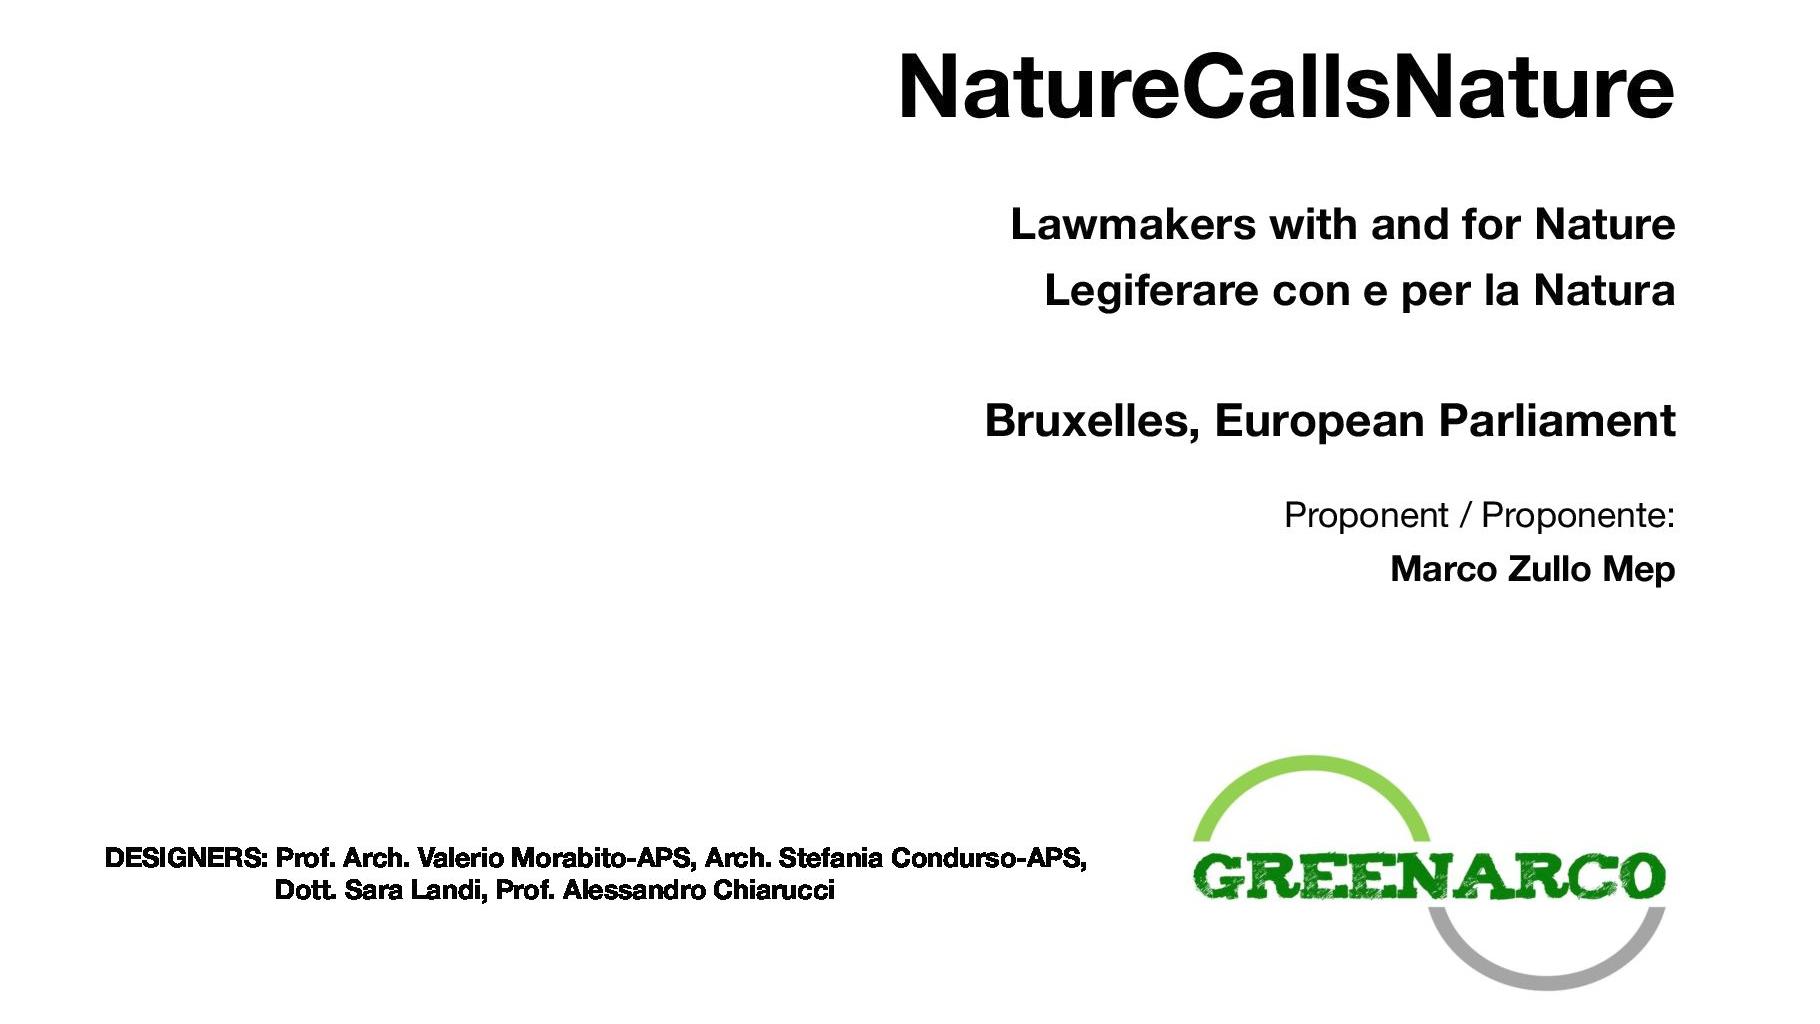 Nature Calls Nature project idea cover